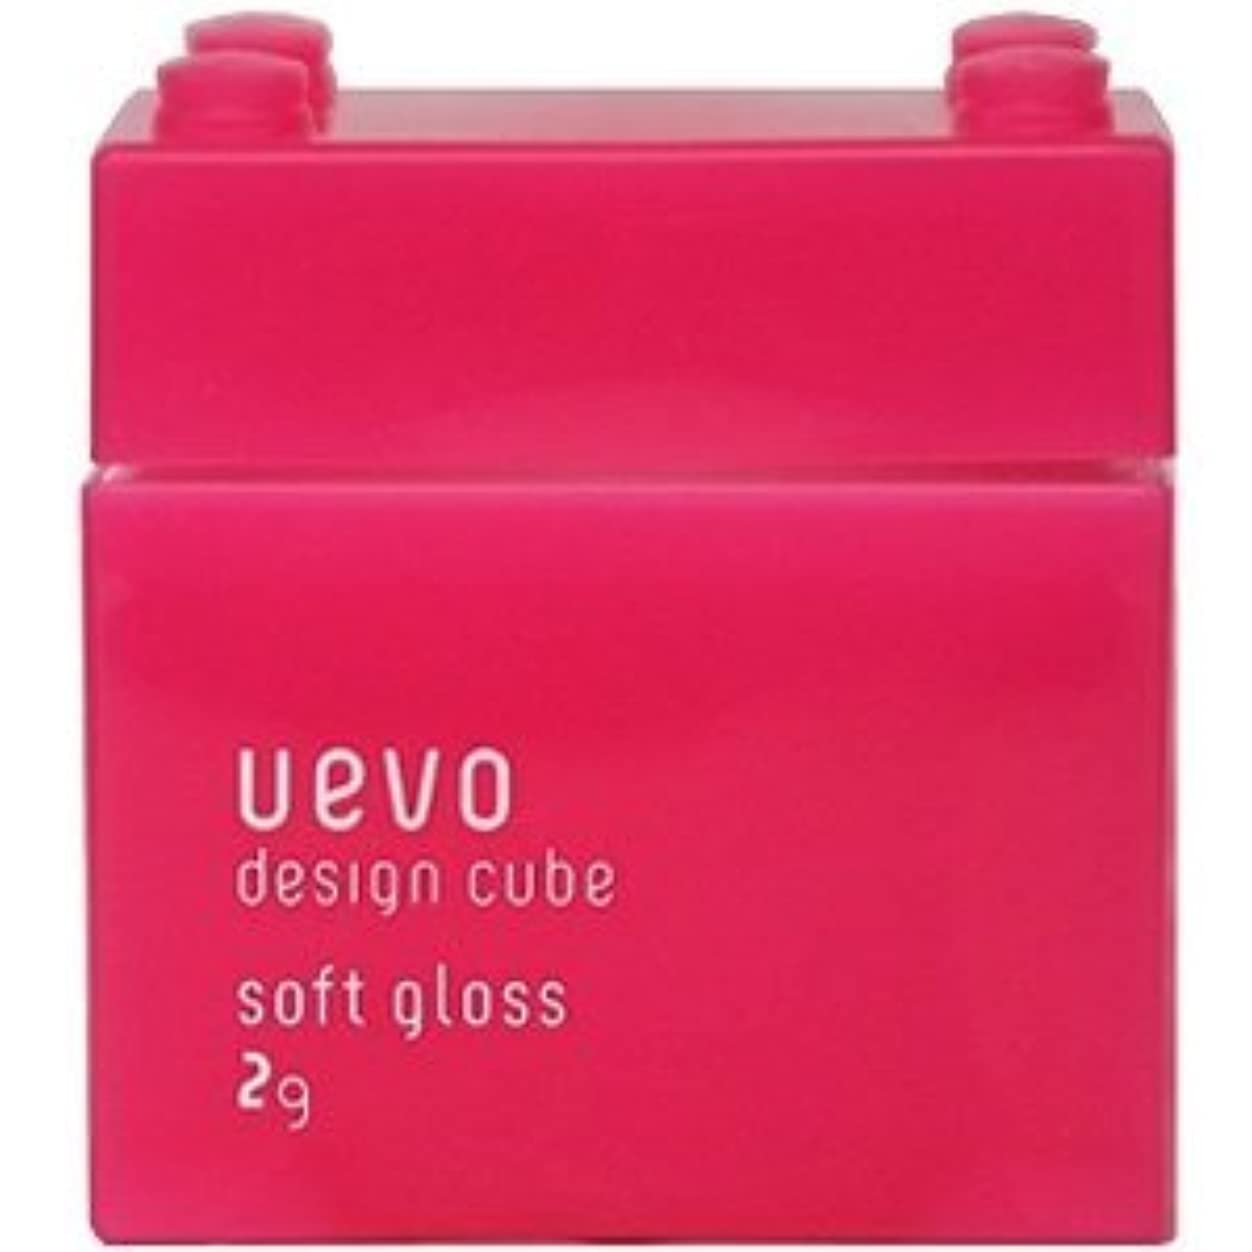 タイプダイジェスト馬鹿【X2個セット】 デミ ウェーボ デザインキューブ ソフトグロス 80g soft gloss DEMI uevo design cube